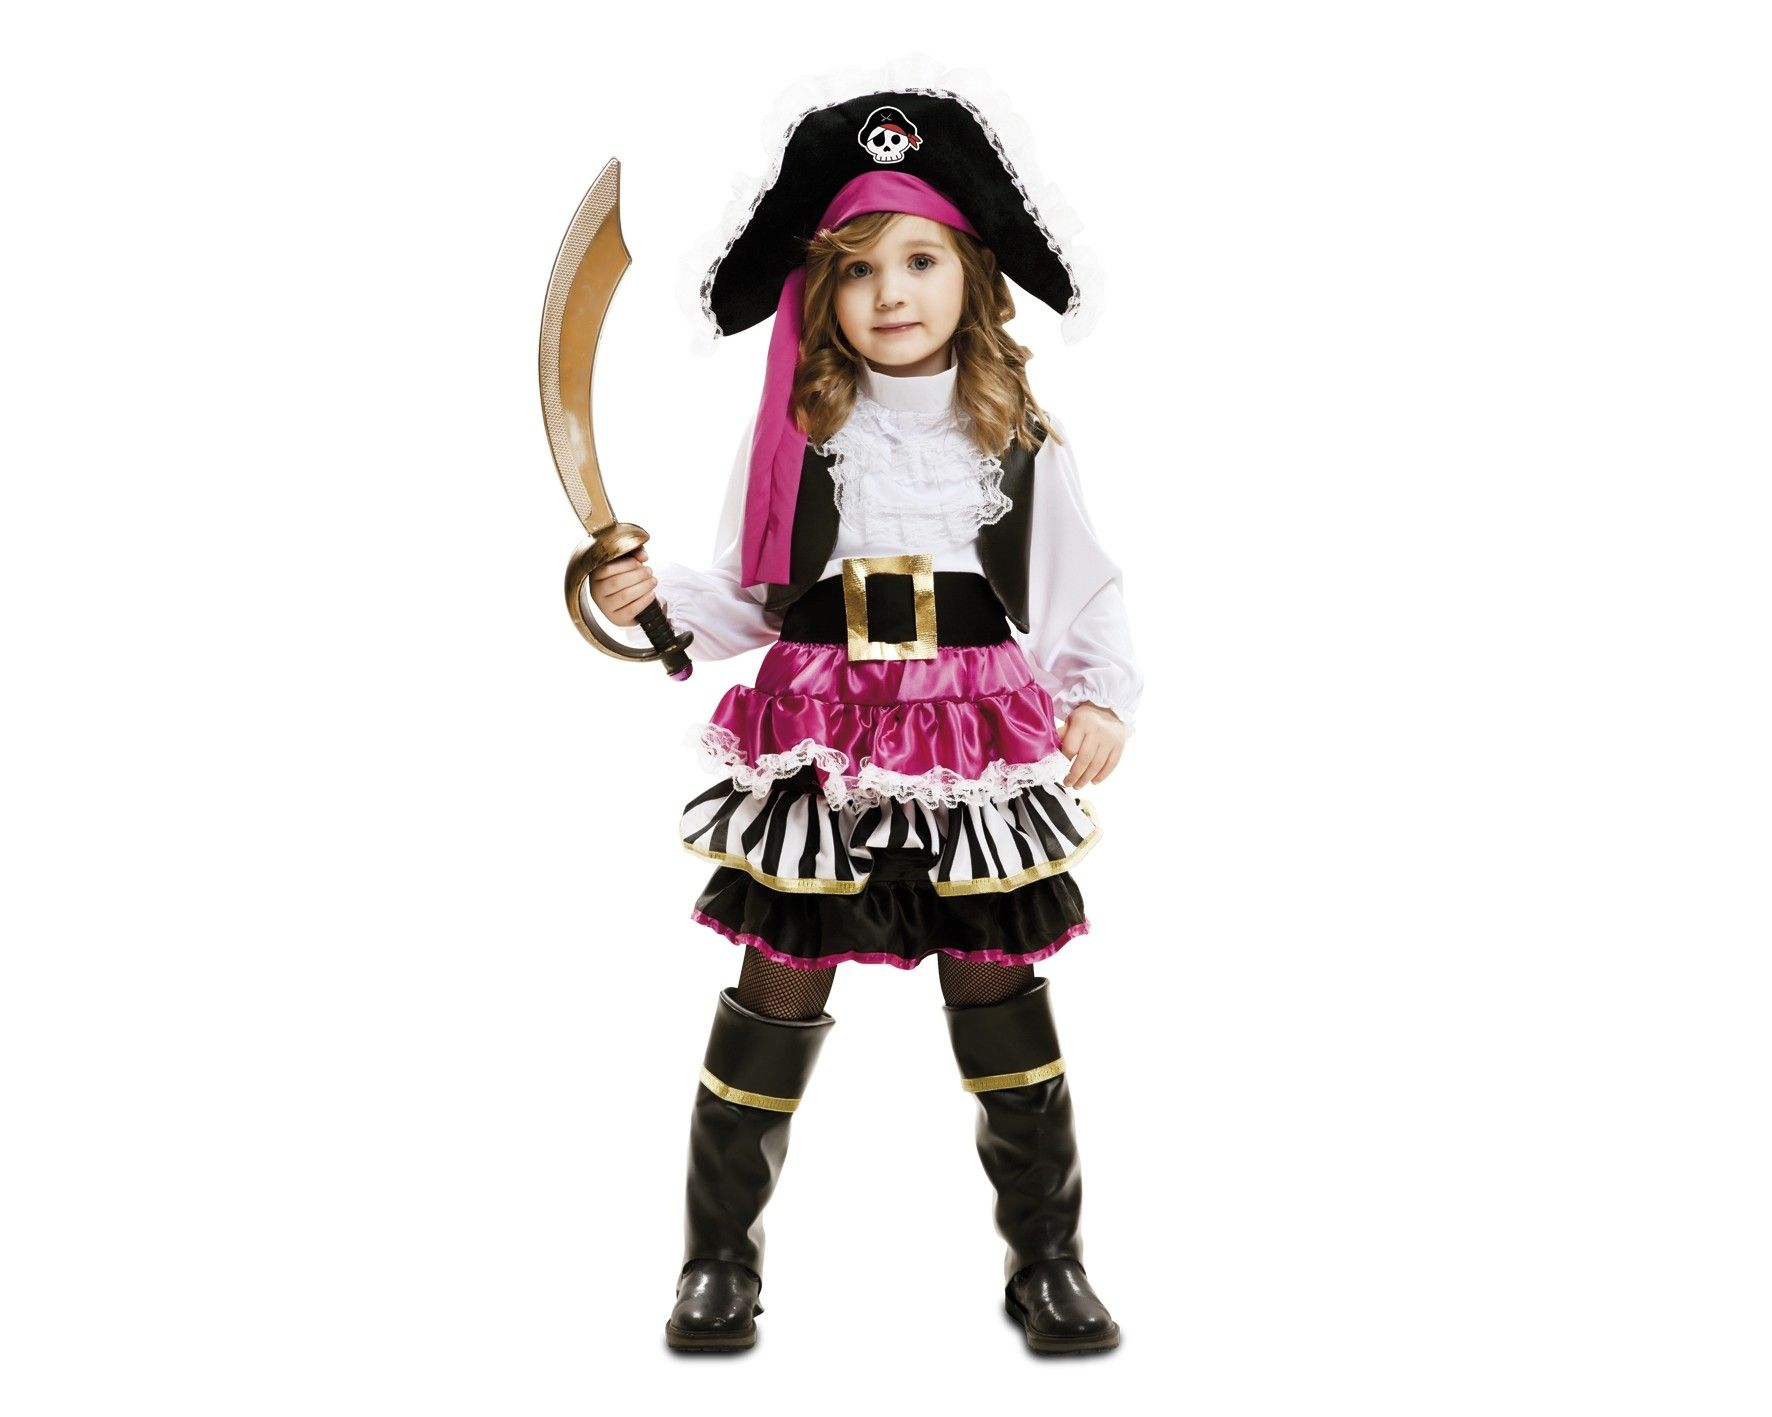 Disfraz Pirata Bebé Niña Disfraz De Pirata Disfraz Pirata Niño Traje De Pirata Para Niña